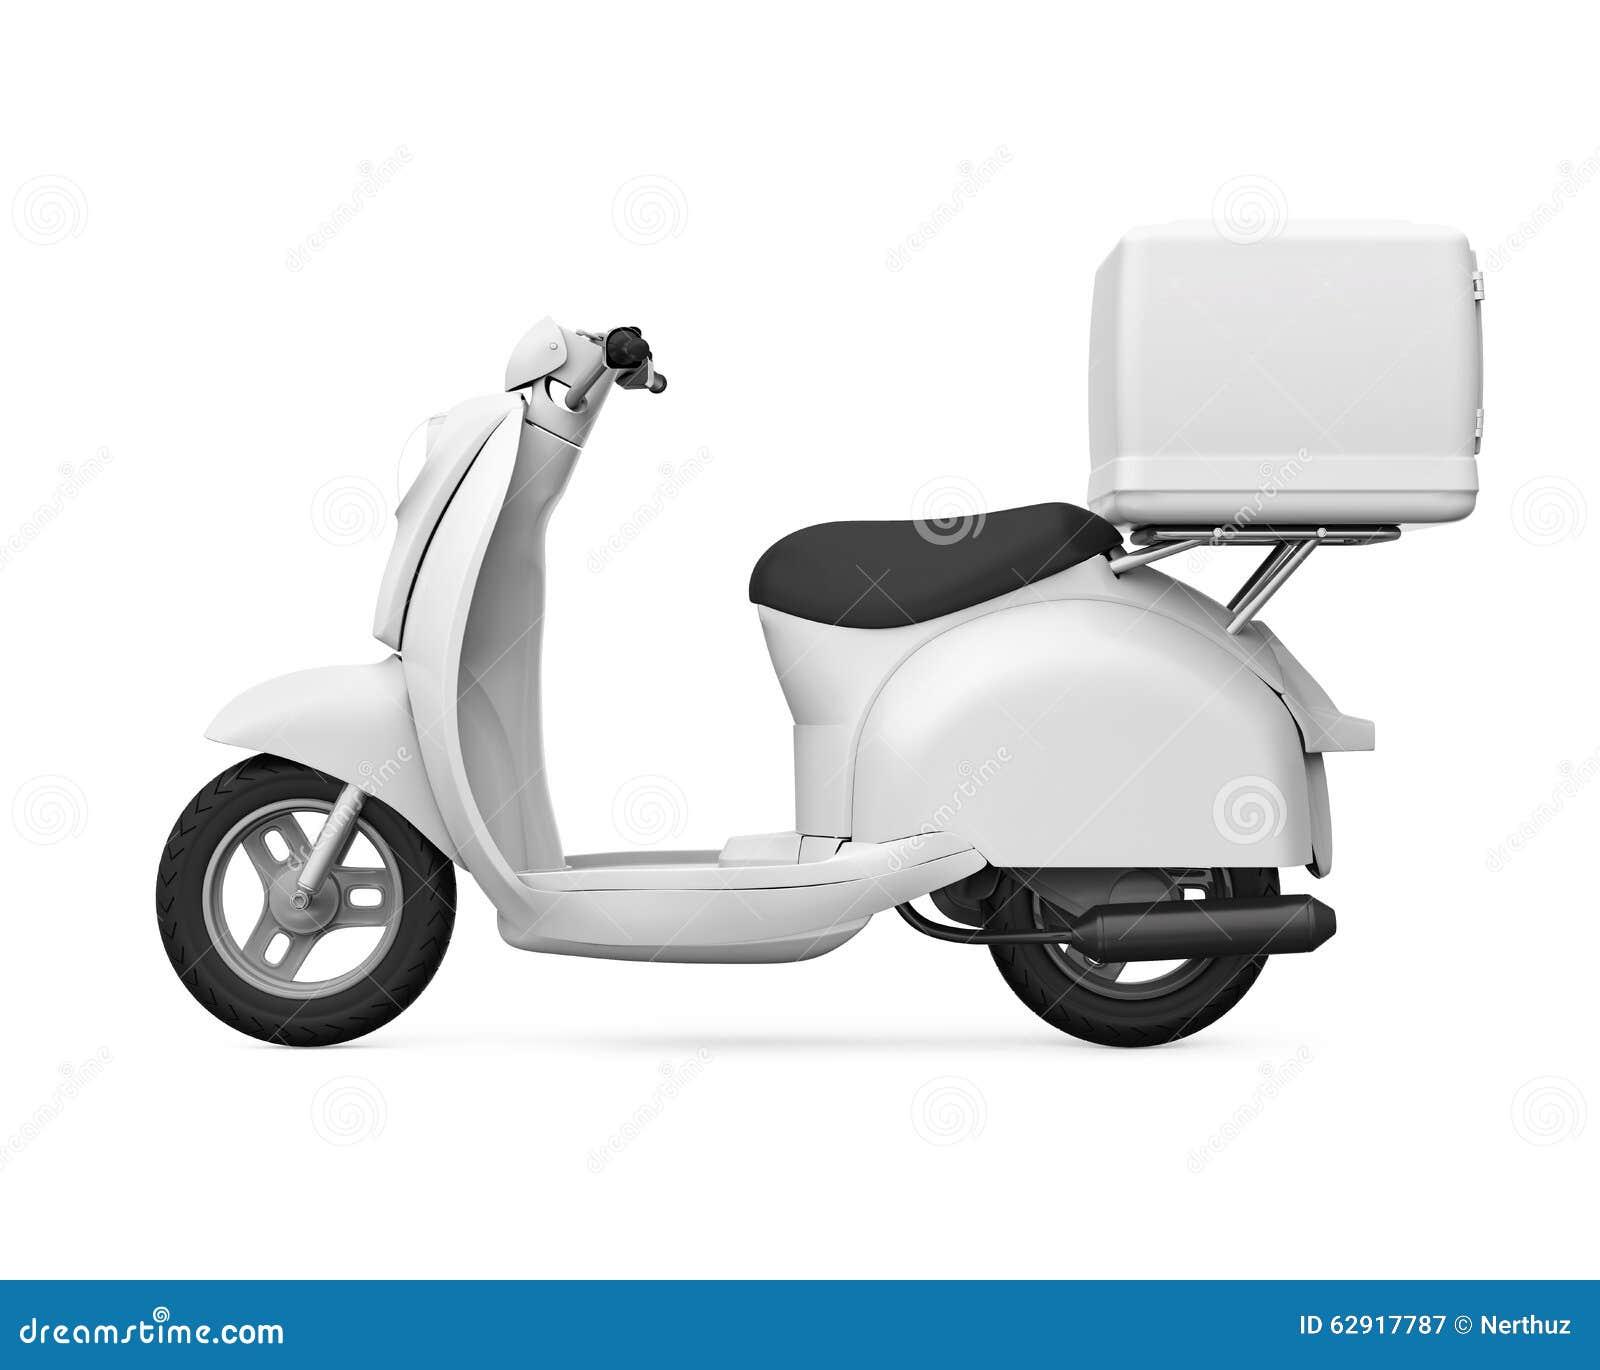 3 wheel moped 17